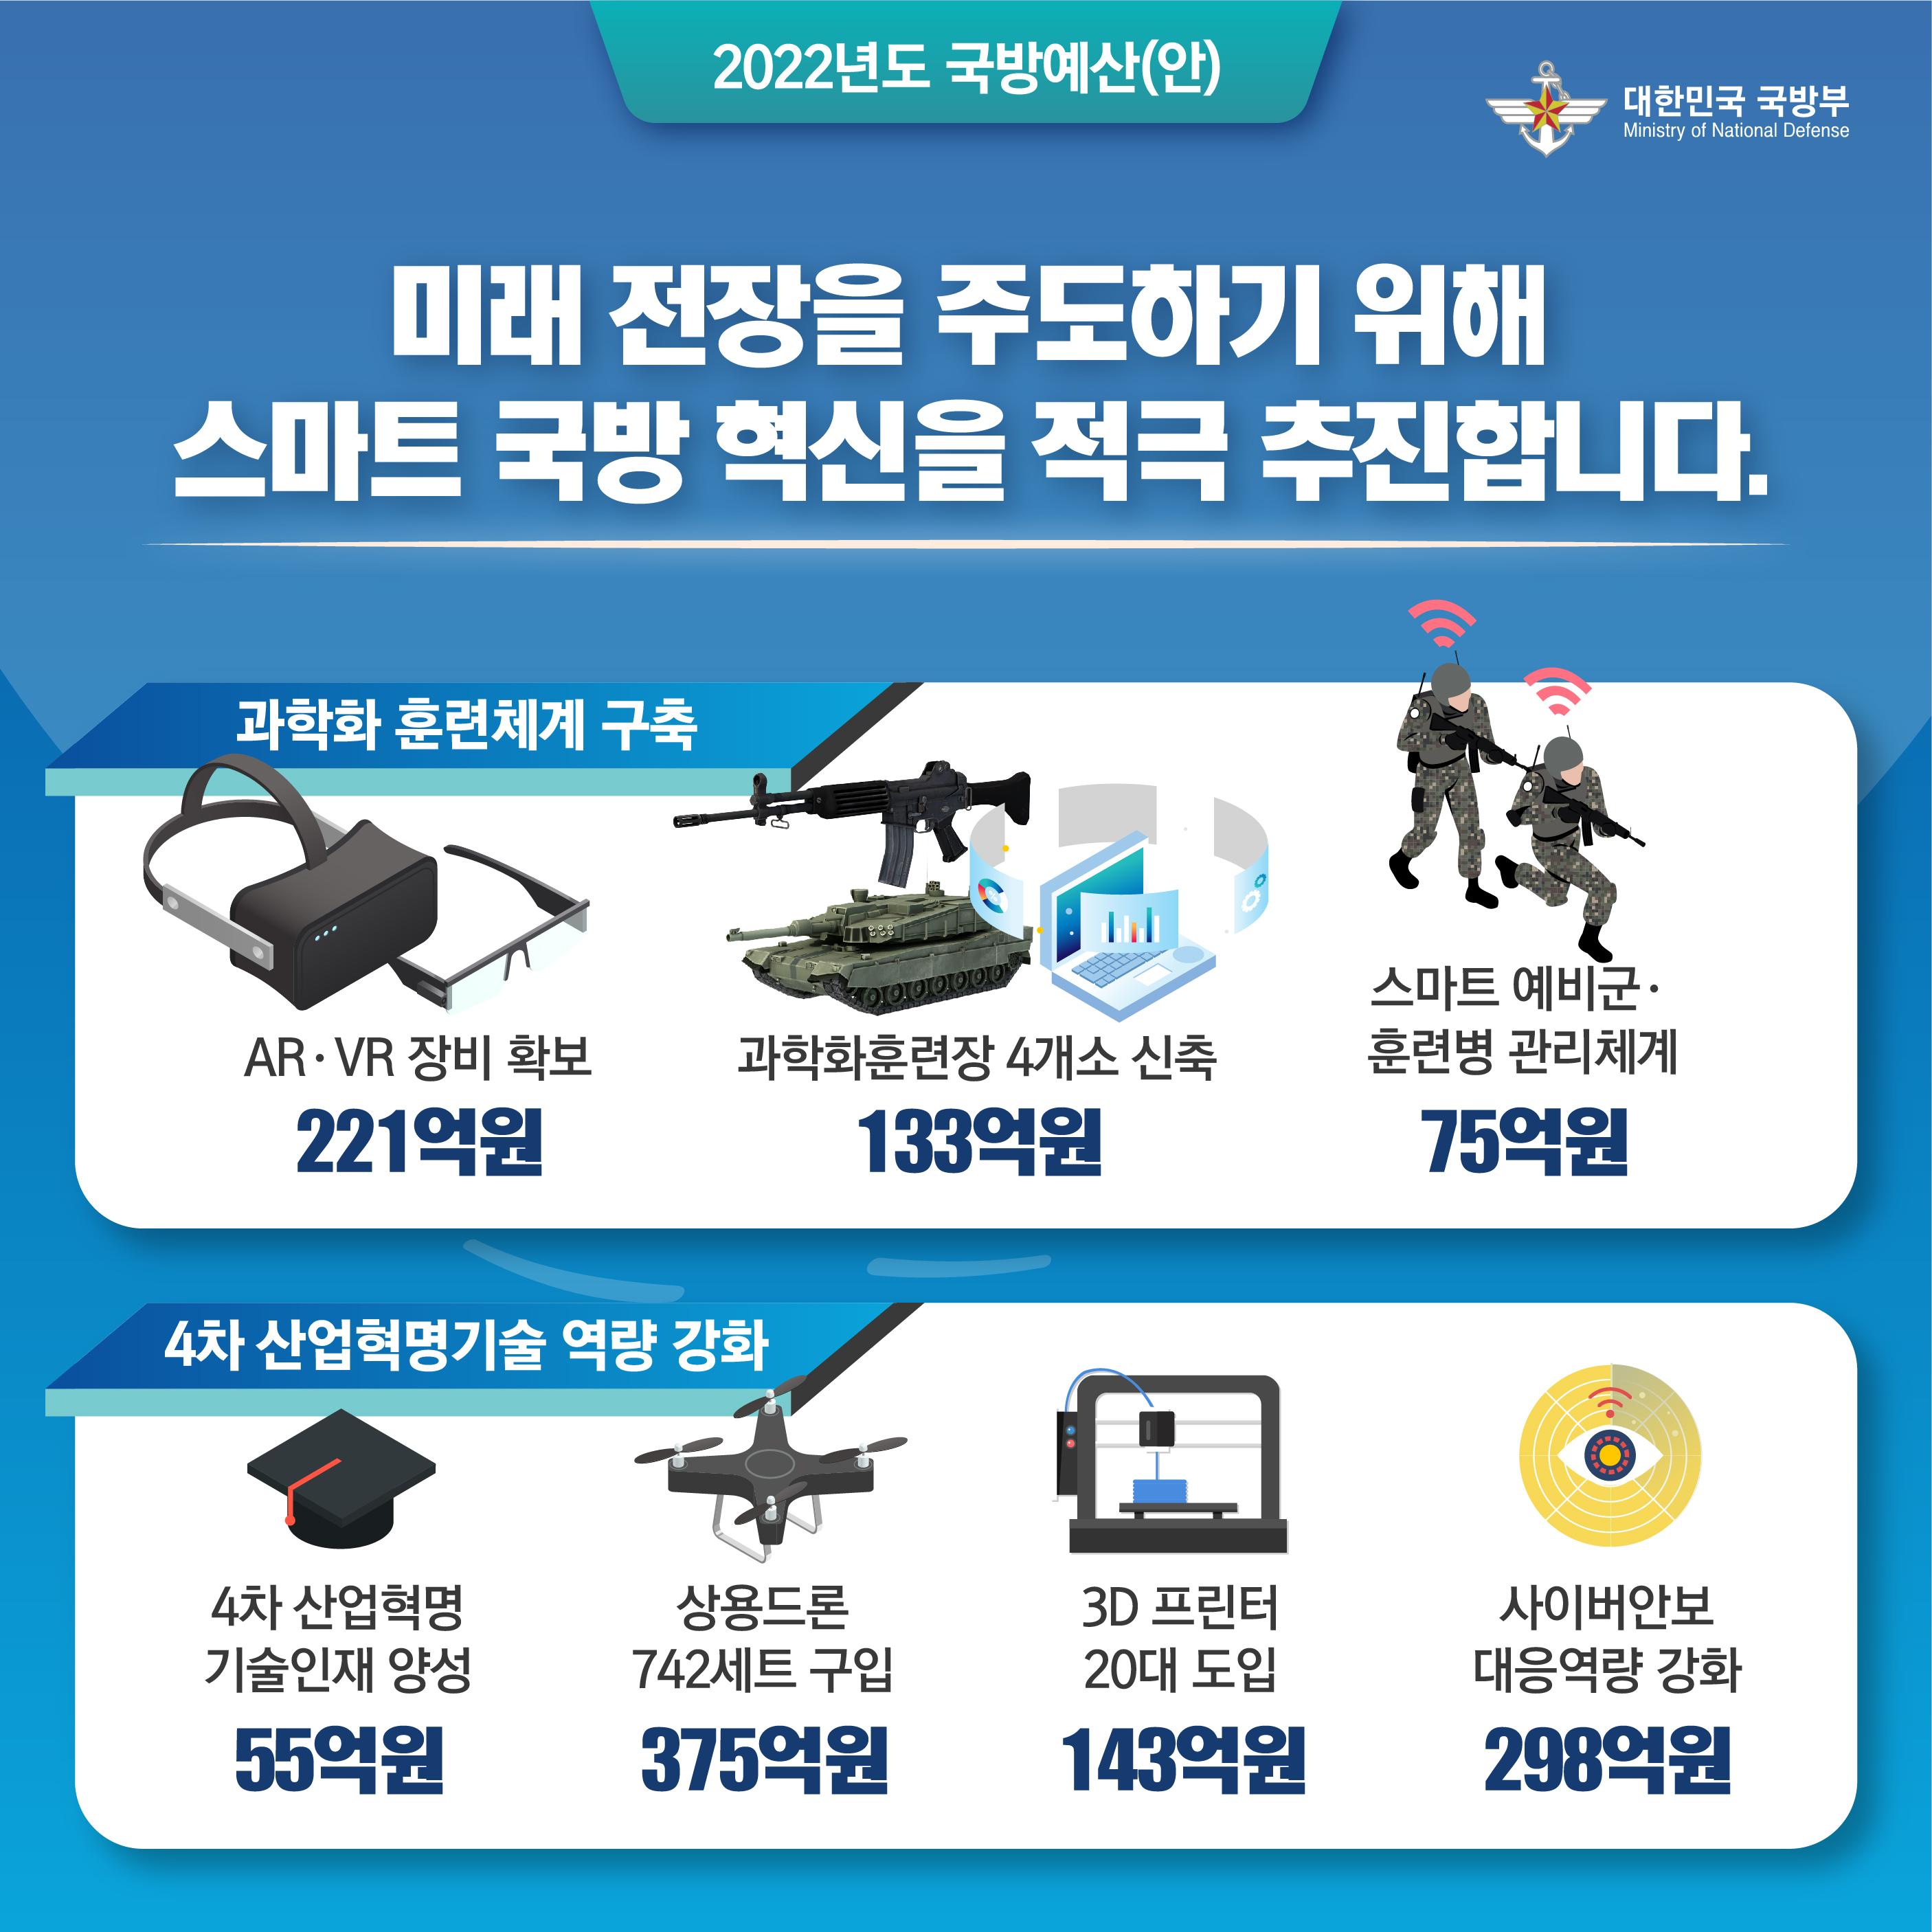 2022 국방예산 카드뉴스 7.jpg